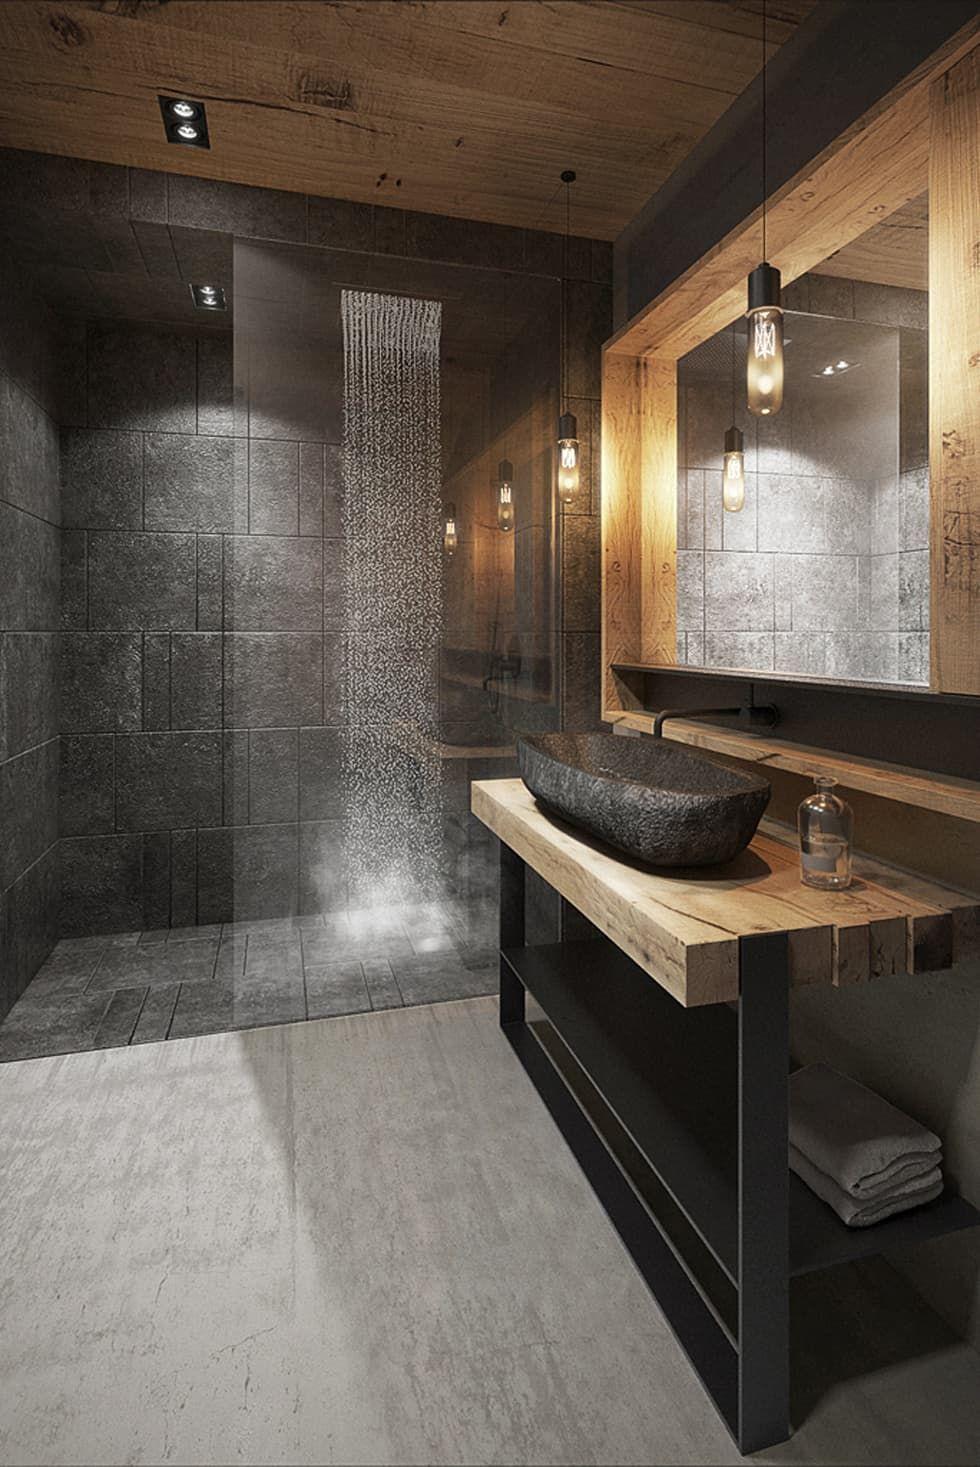 Salle de bain moderne par razoo-architekci moderne | homify #décorationmaison